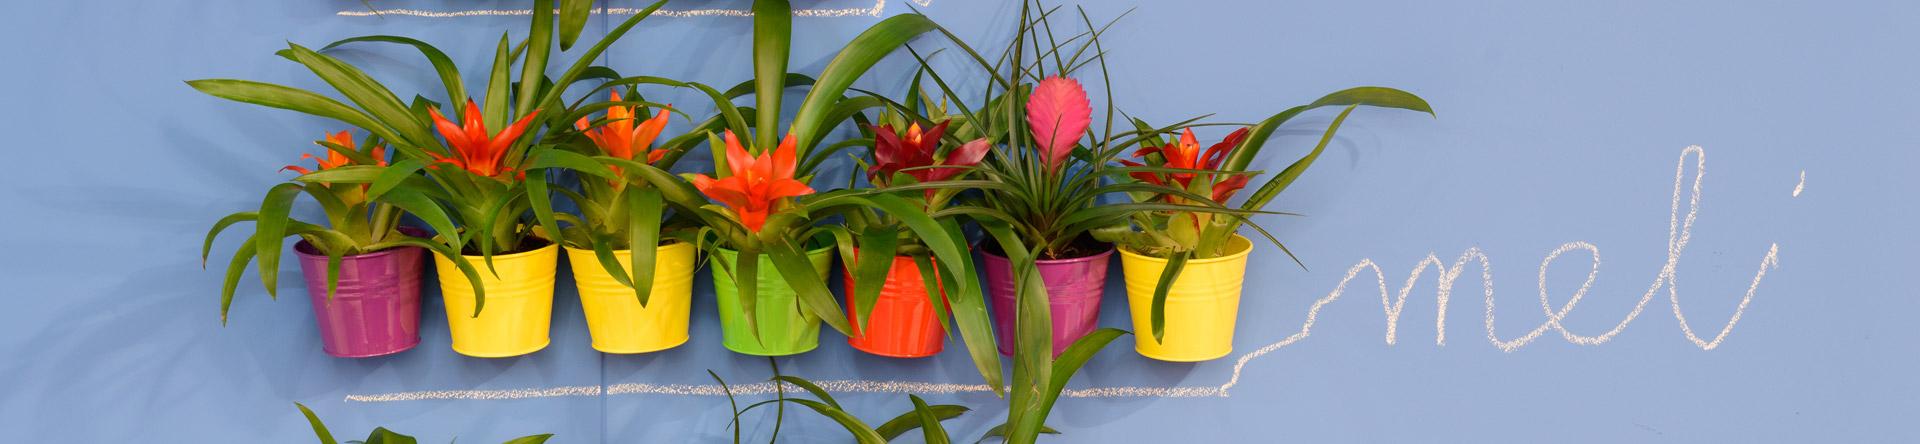 Flamboyante, vive et forte: la Bromélia est la Latine dansante des plantes de maison  avec des couleurs vives et des formes animées.